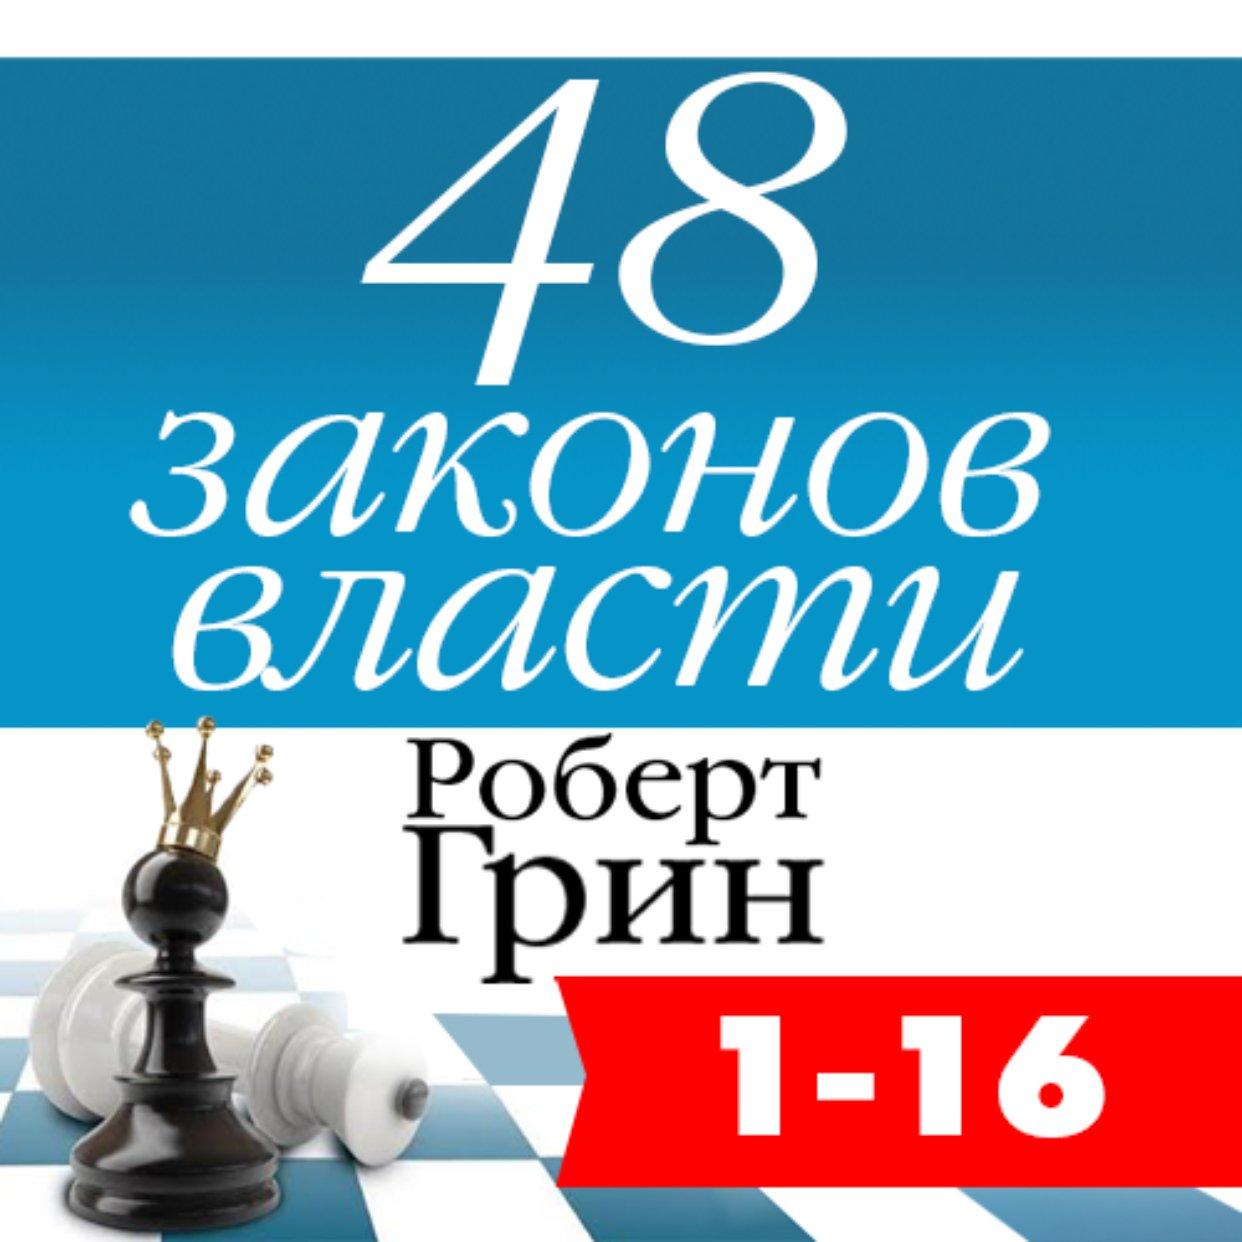 48 законов власти. Законы 1-16